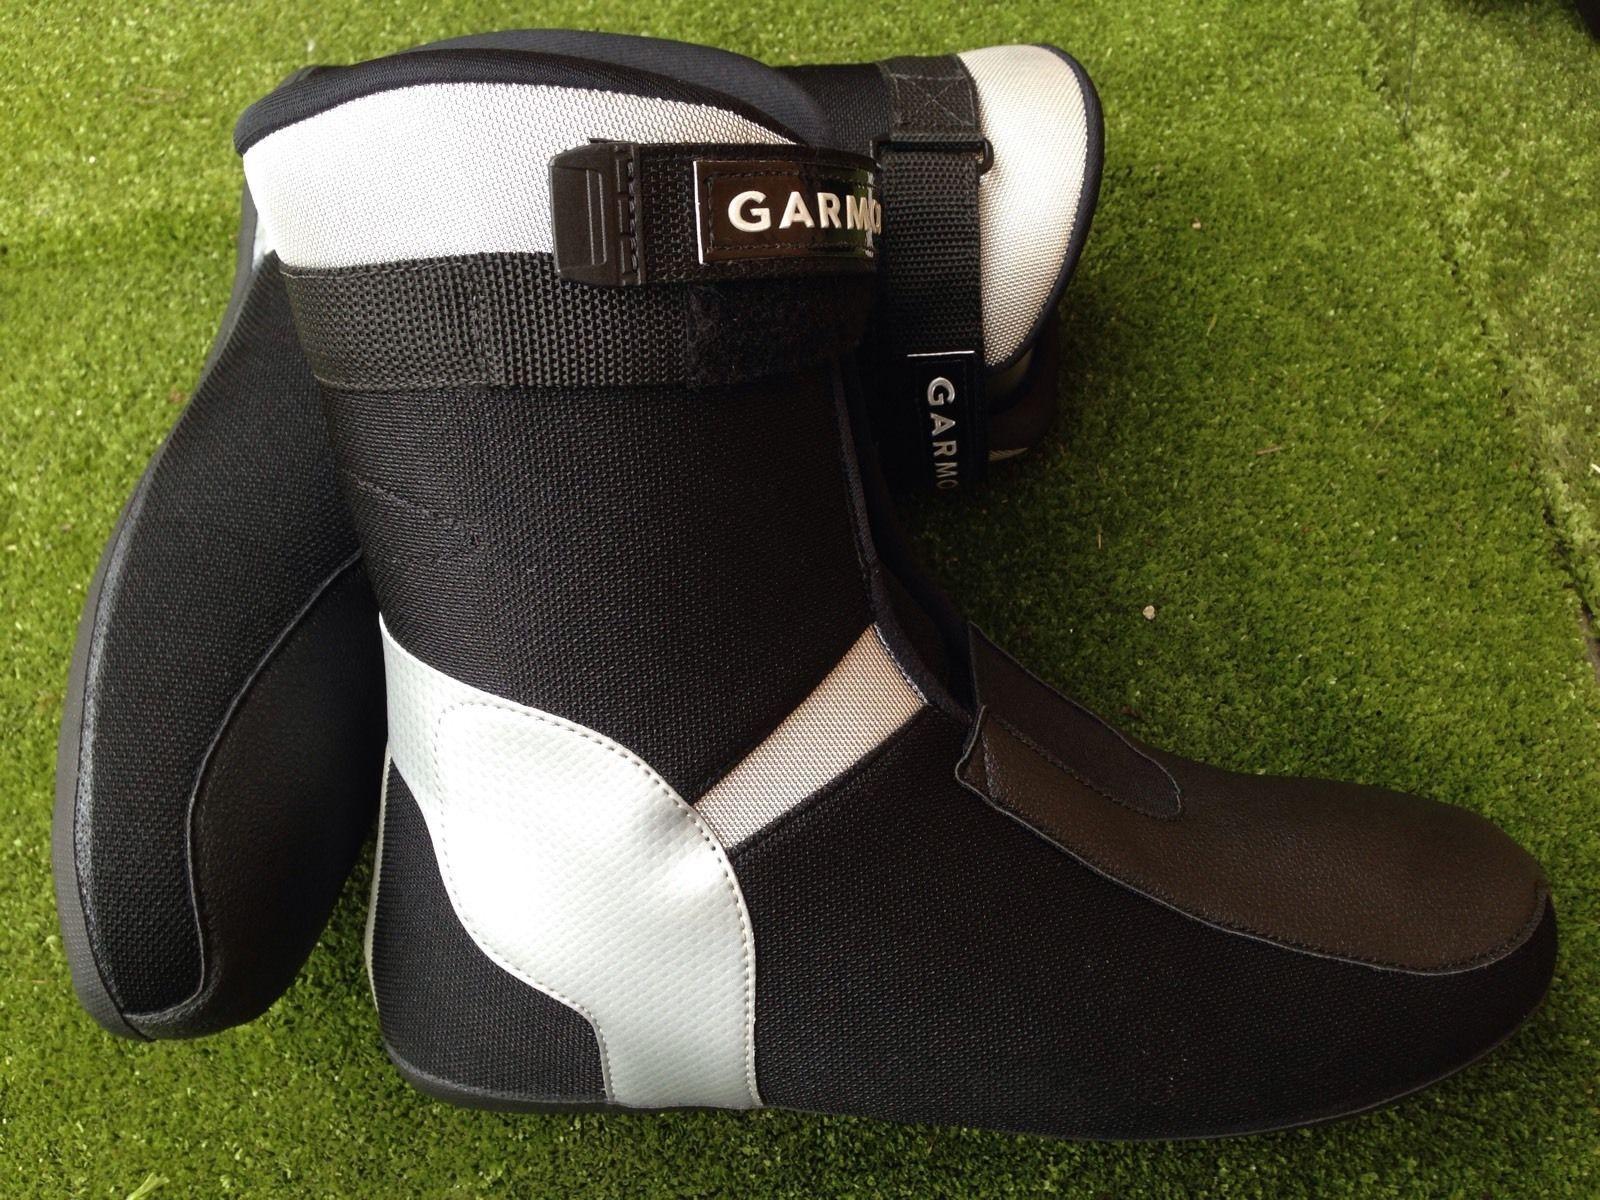 Scarpette tradizionali per scarponi da telemark bassi backcountry ski avvio liner